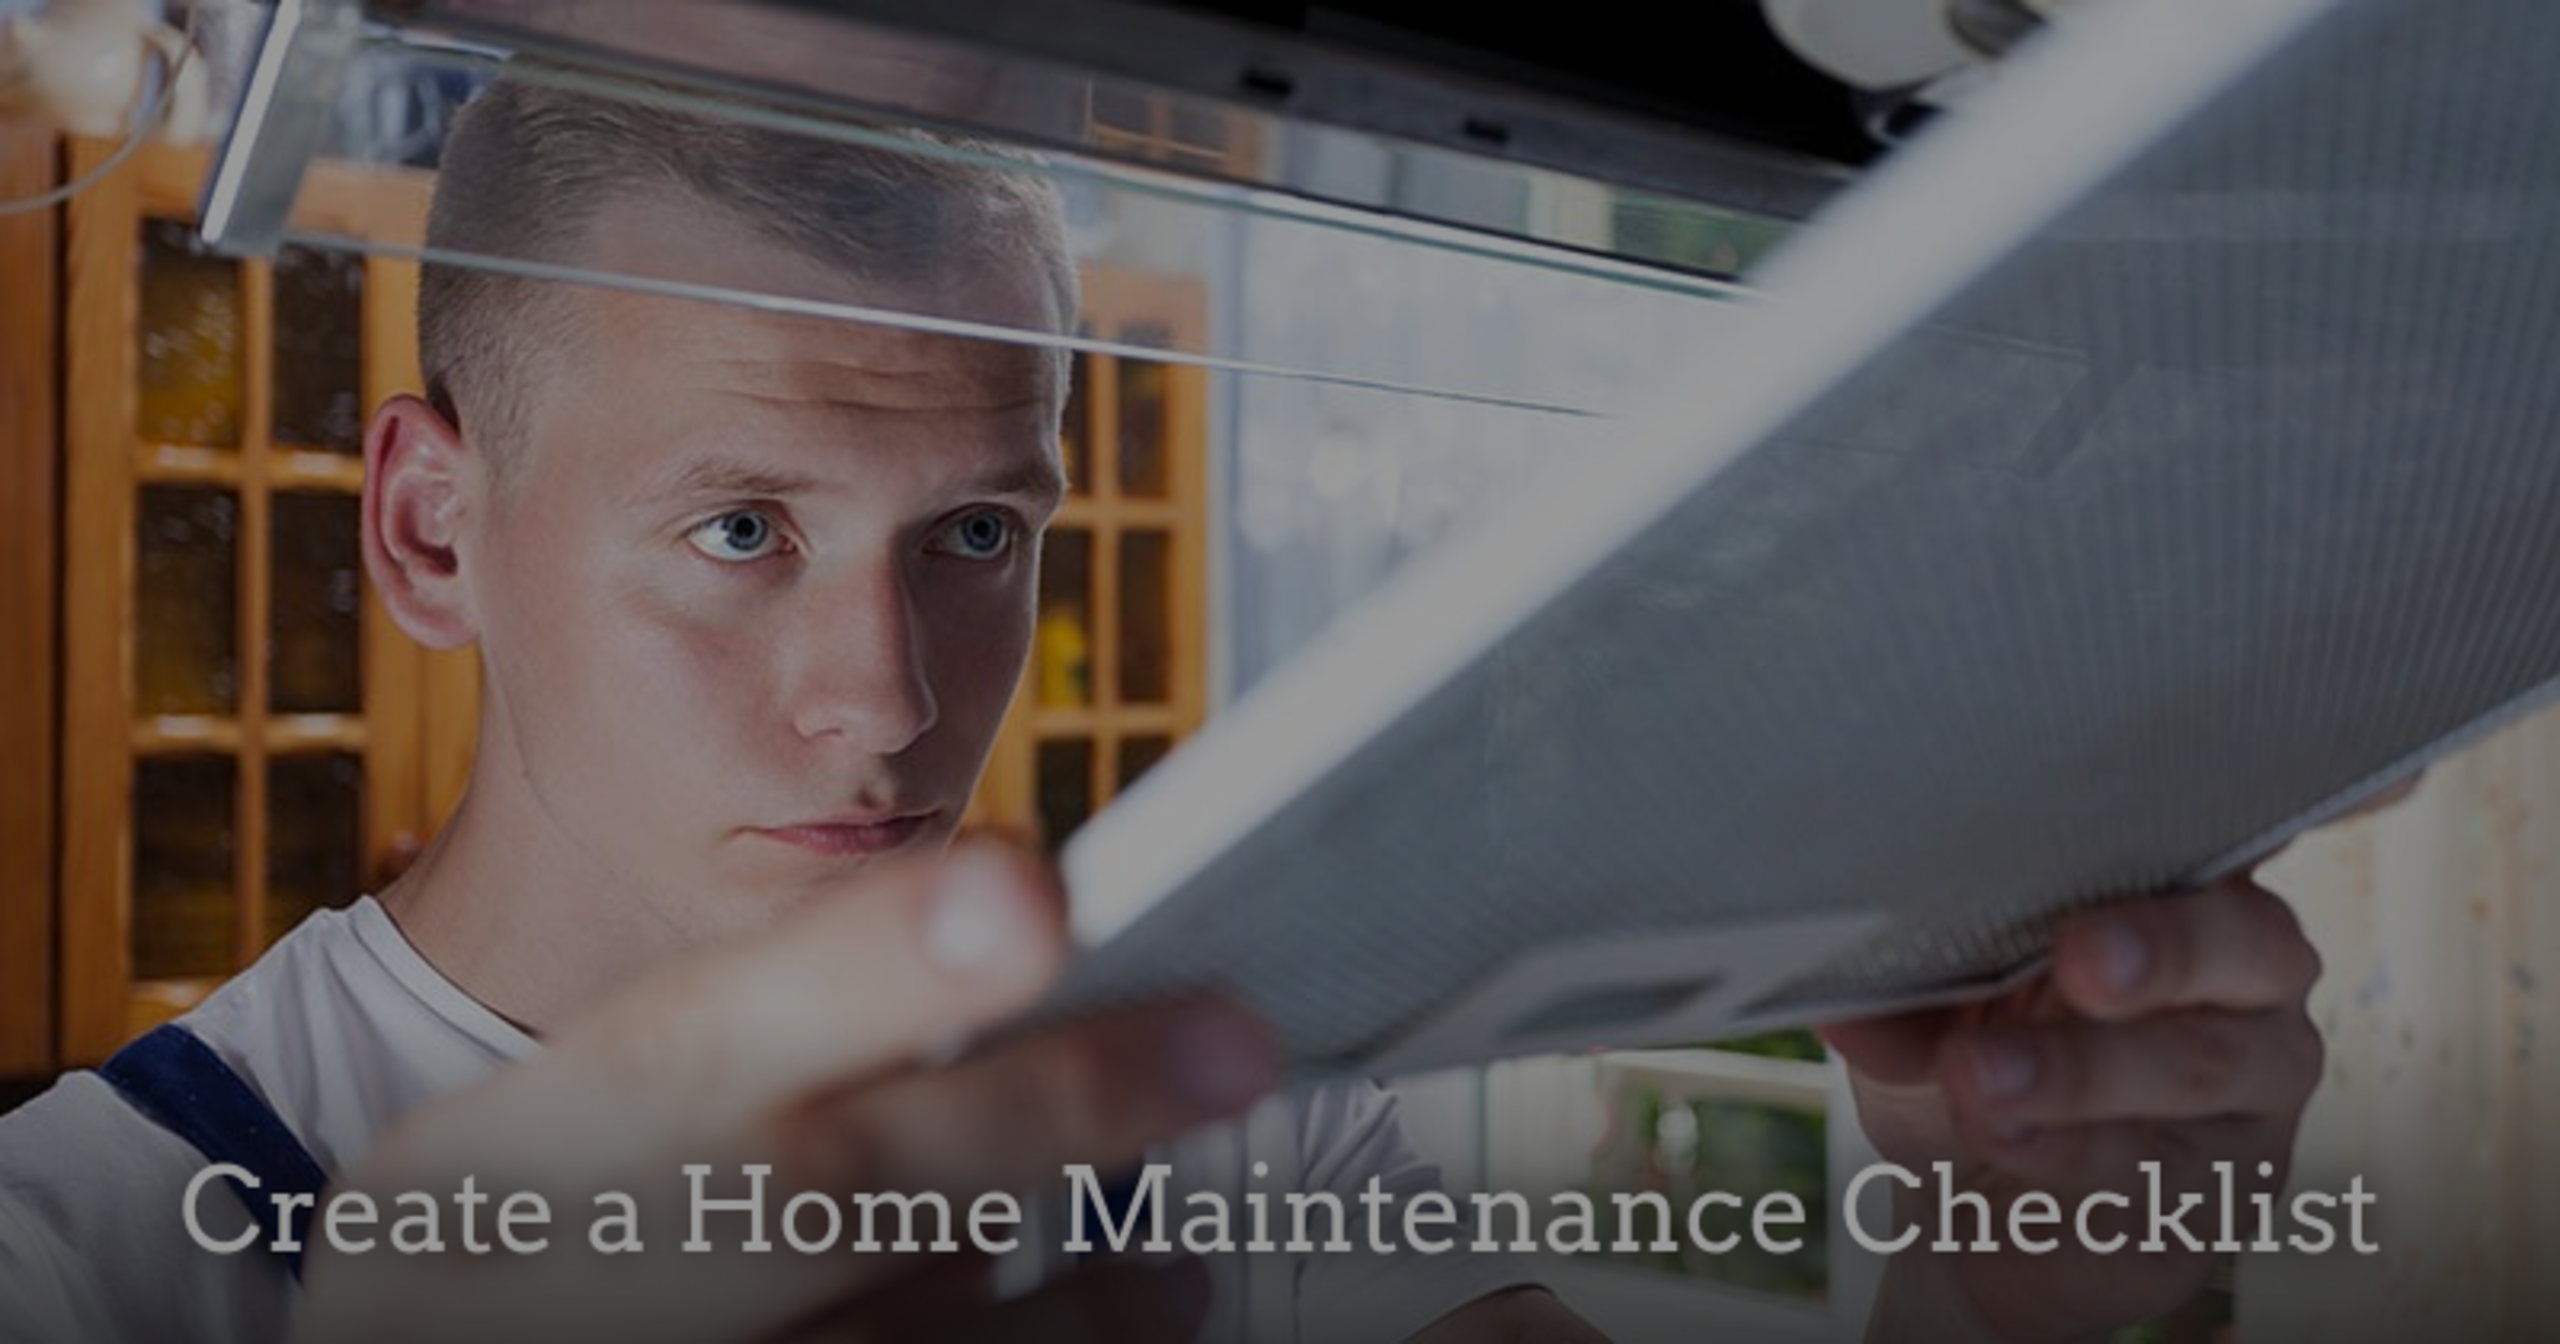 Create a Home Maintenance Checklist